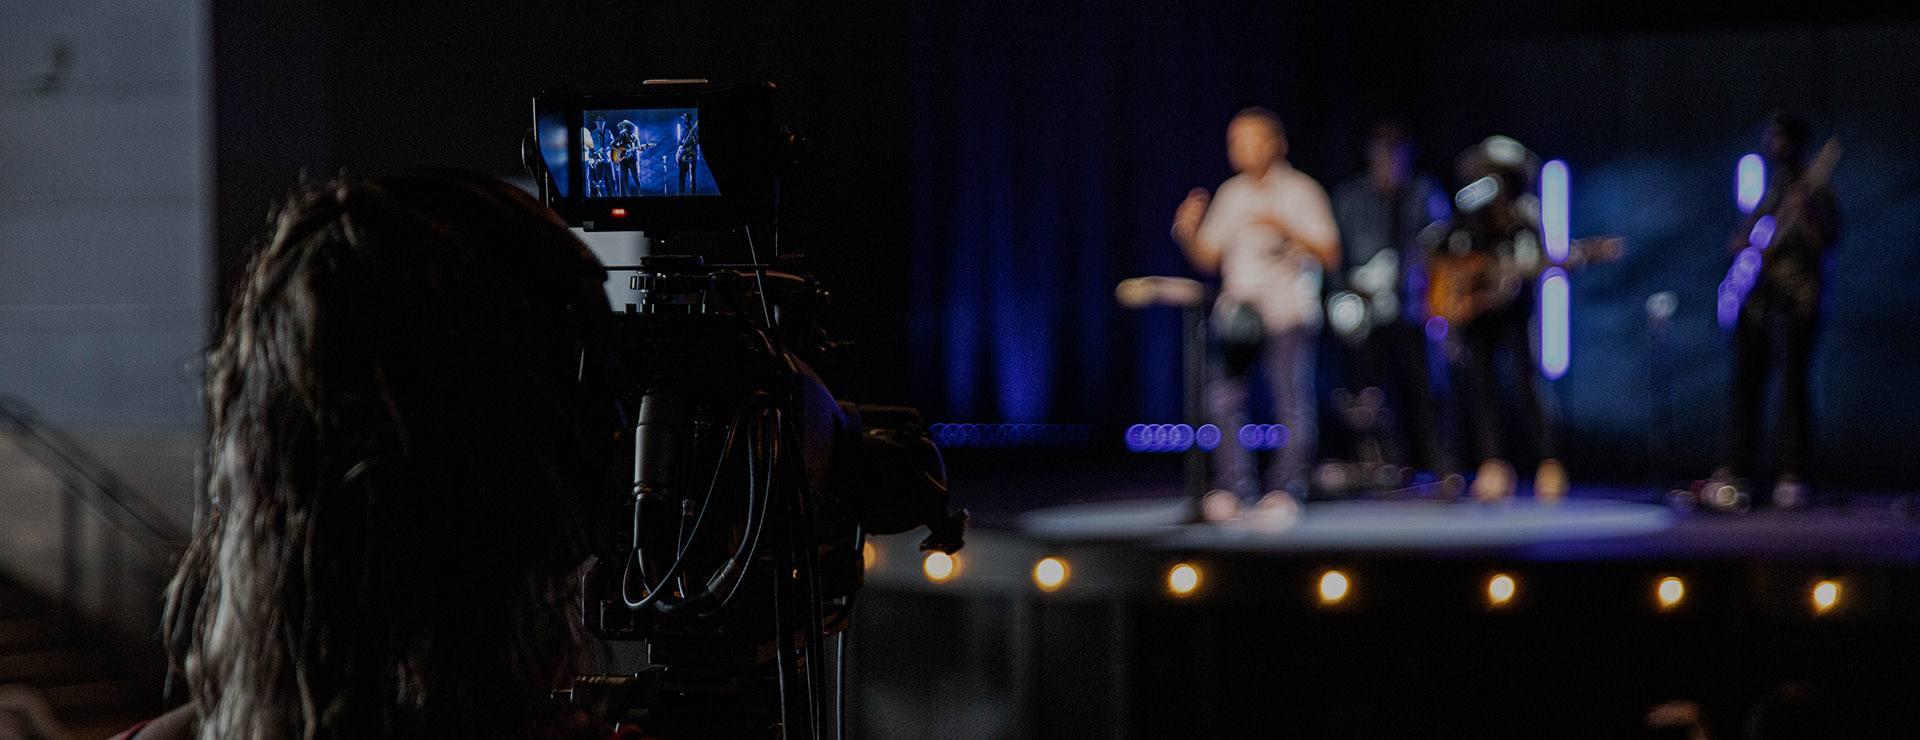 video church service